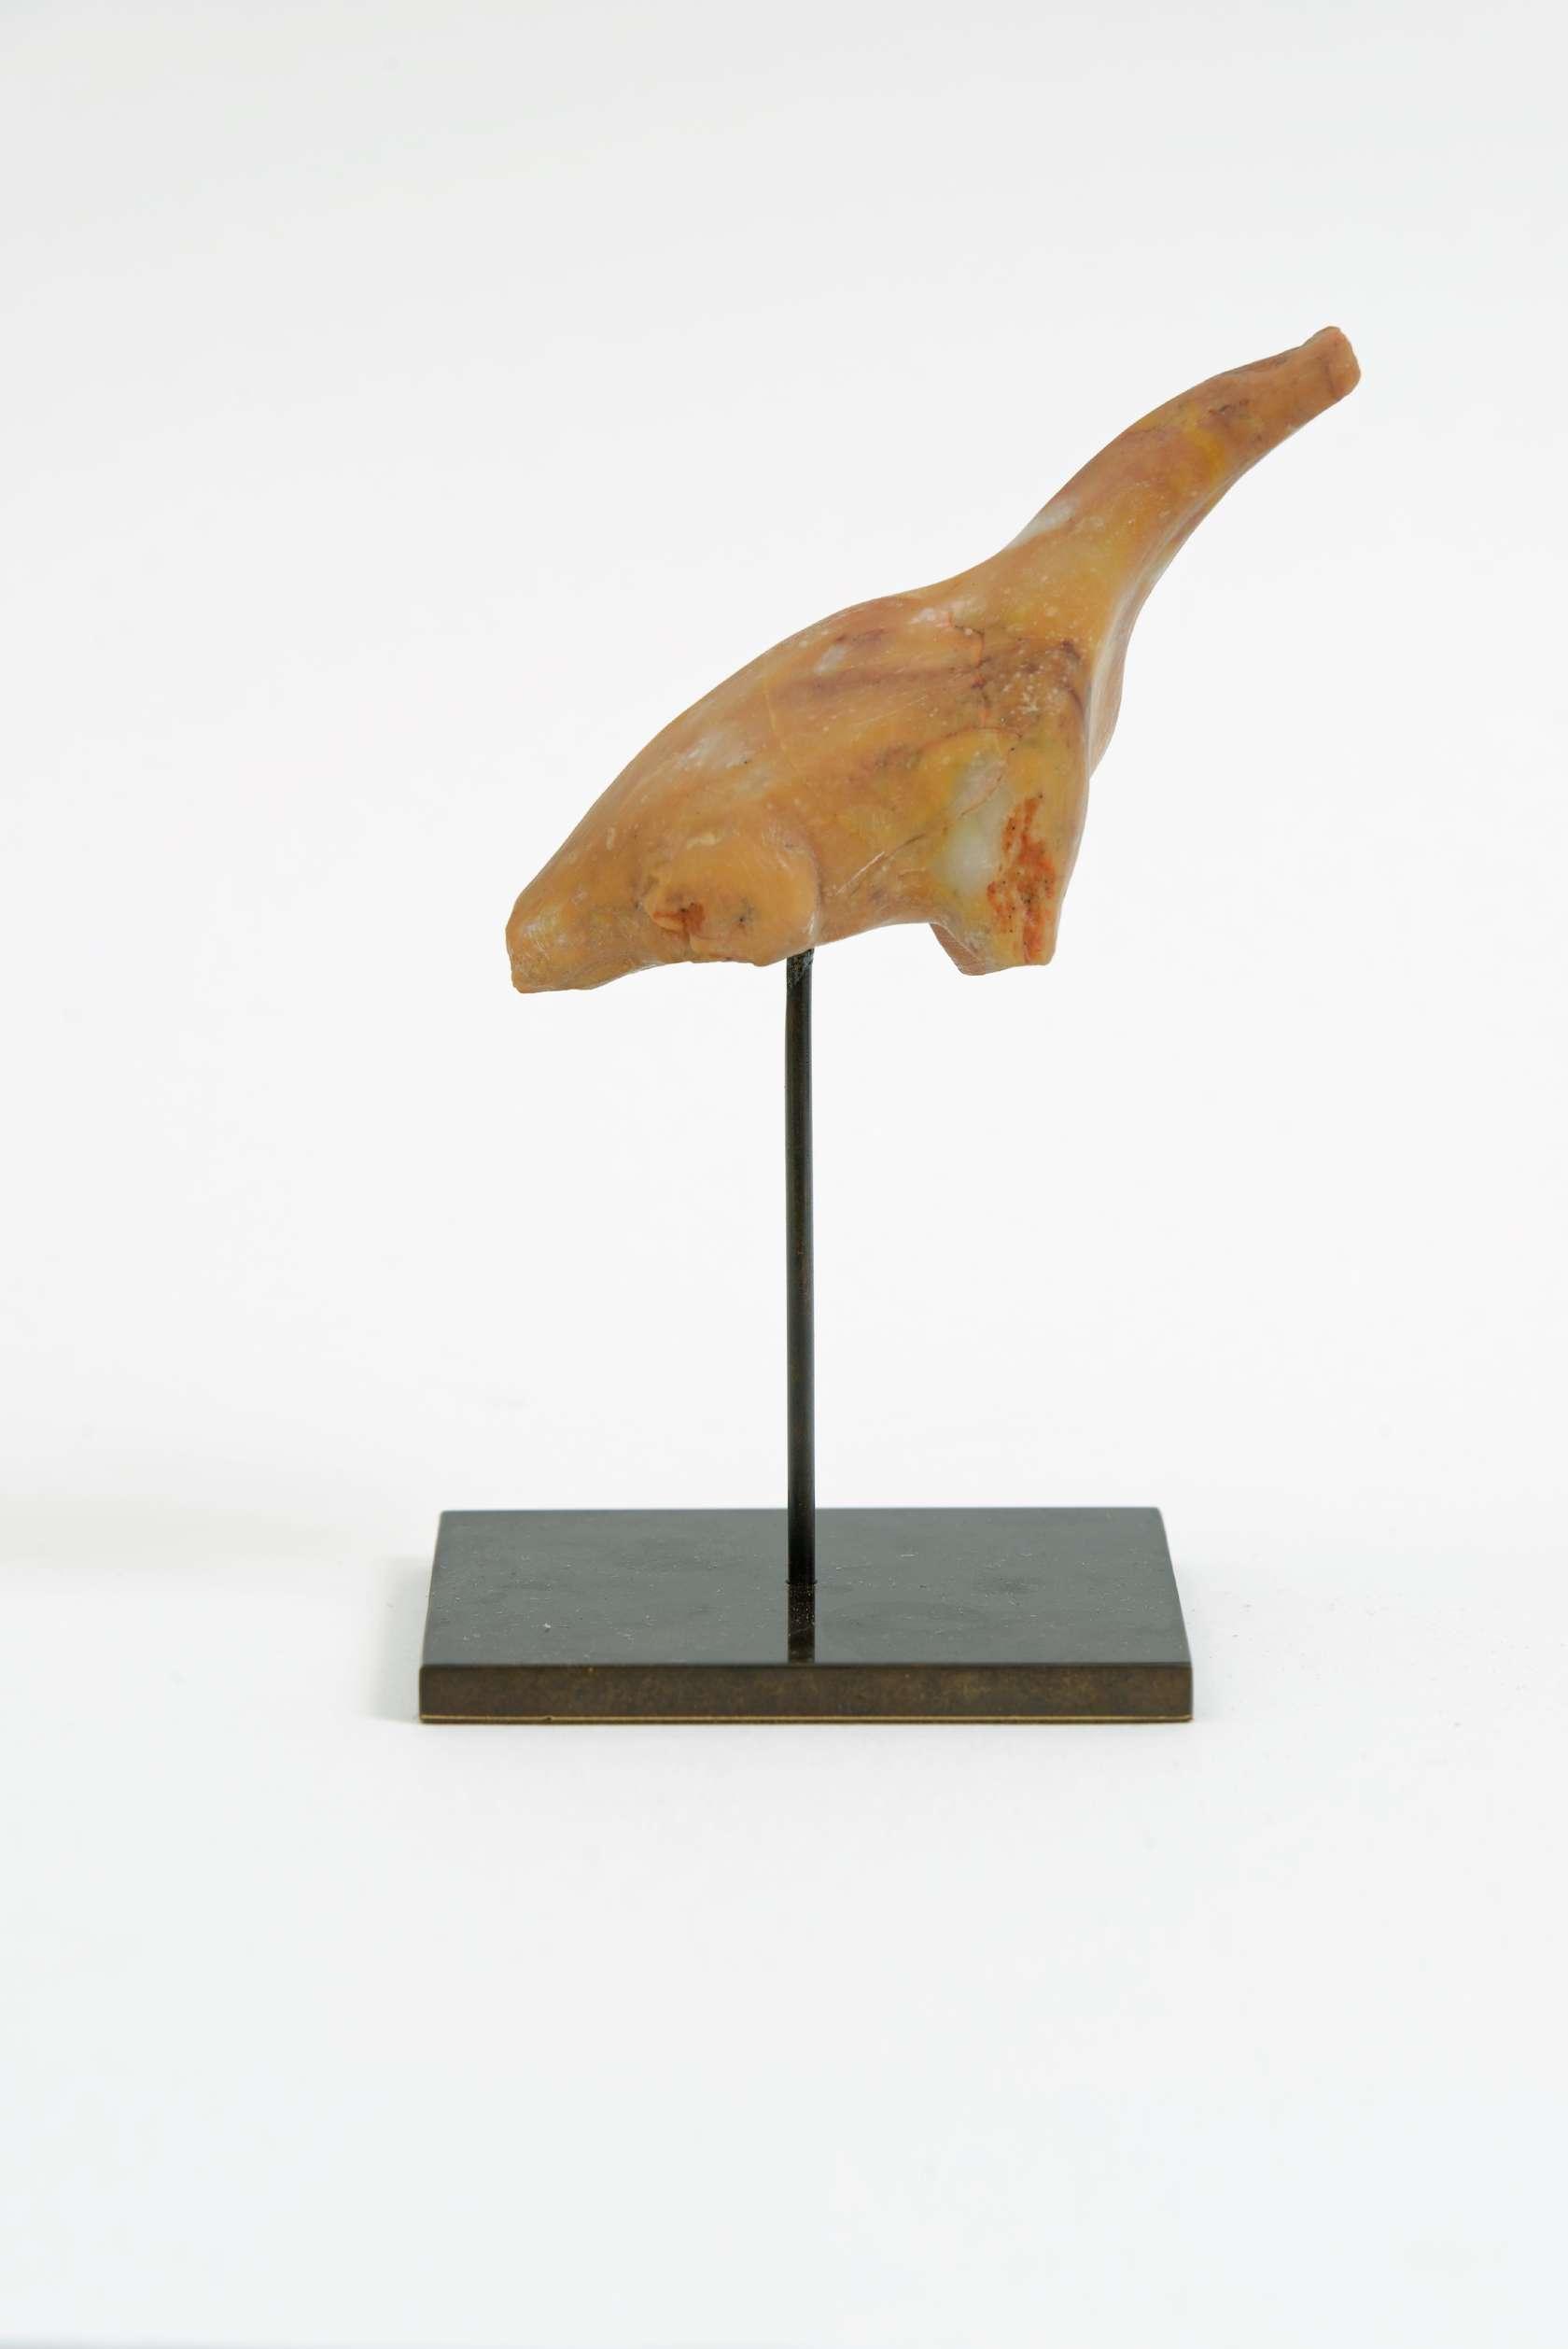 Laurent Le Deunff, Brachiosaurus I, 2015 Taille directe sur grès rose6.3 x 10.1 x 3.5 cm / 2 1/2 x 4  x 1 3/8 inches